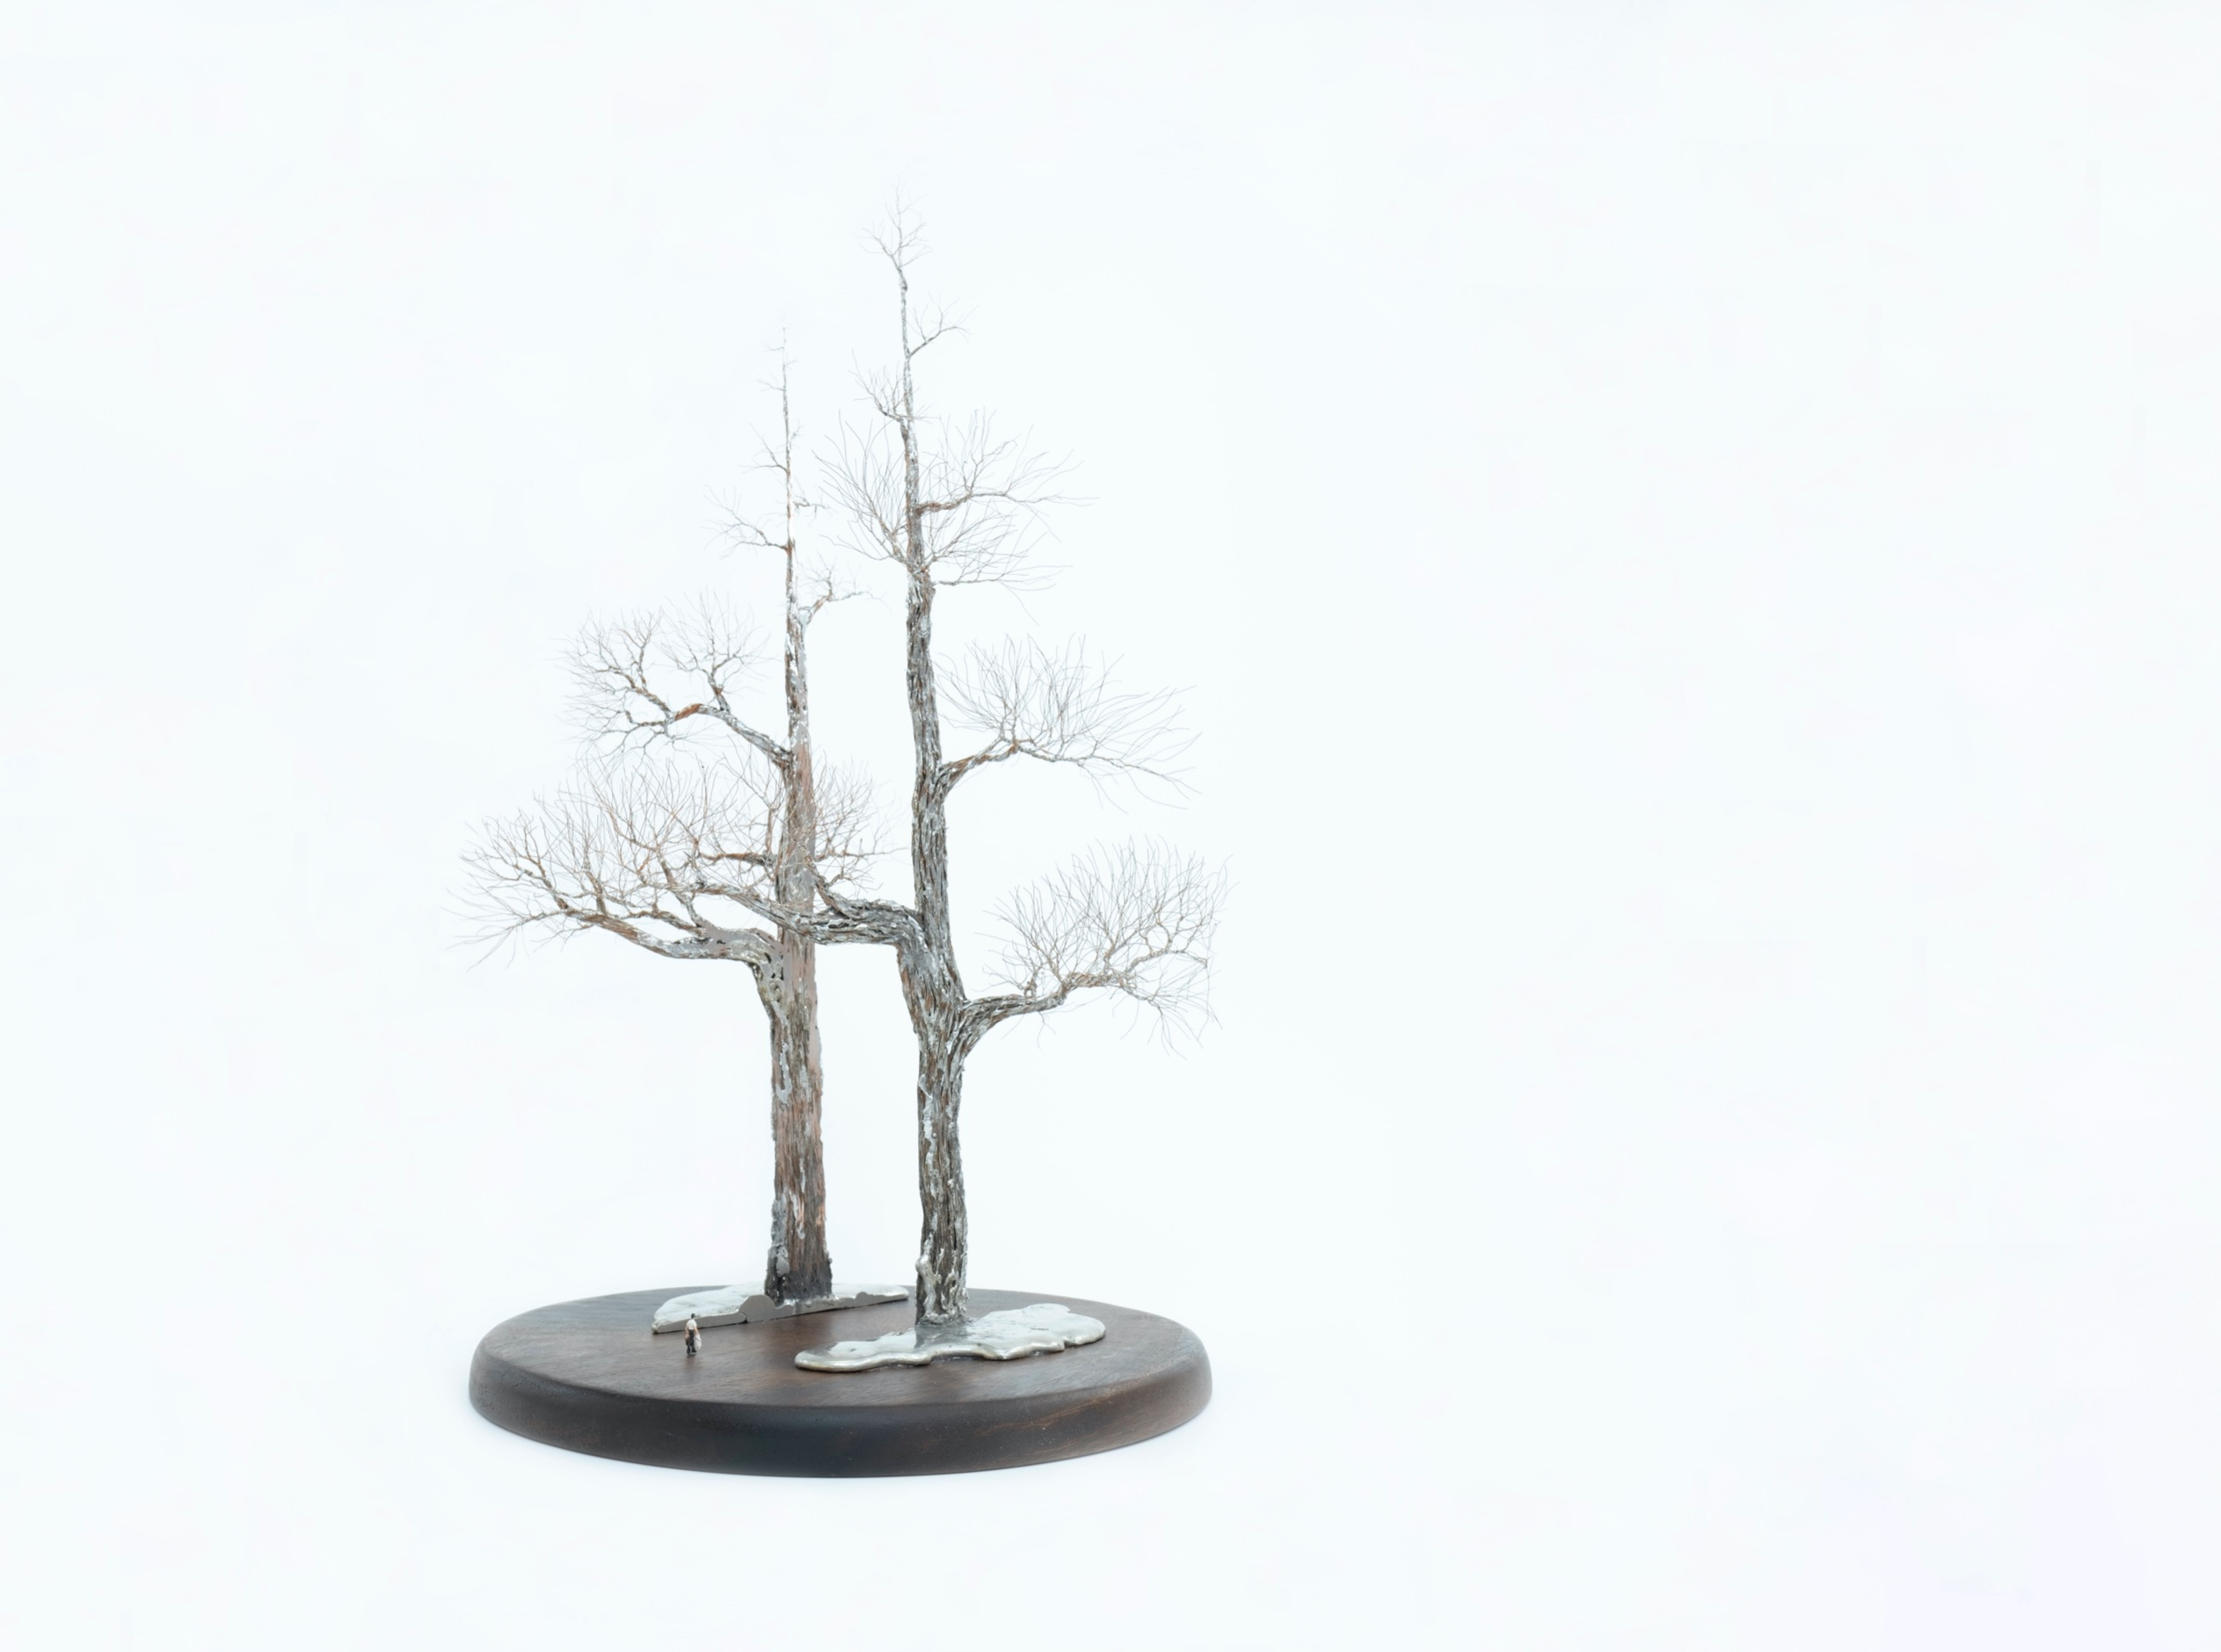 大樹底下好遮蔭?A Tree Protects?XXX